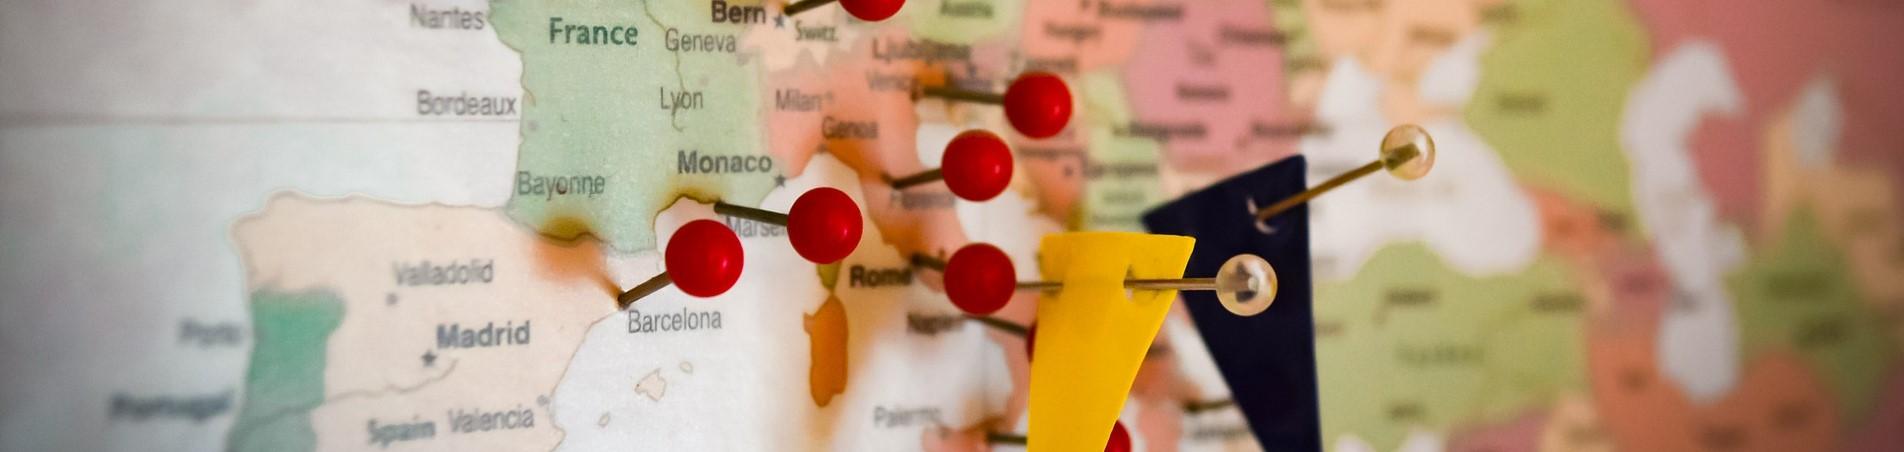 Mapa de Europa con chinchetas